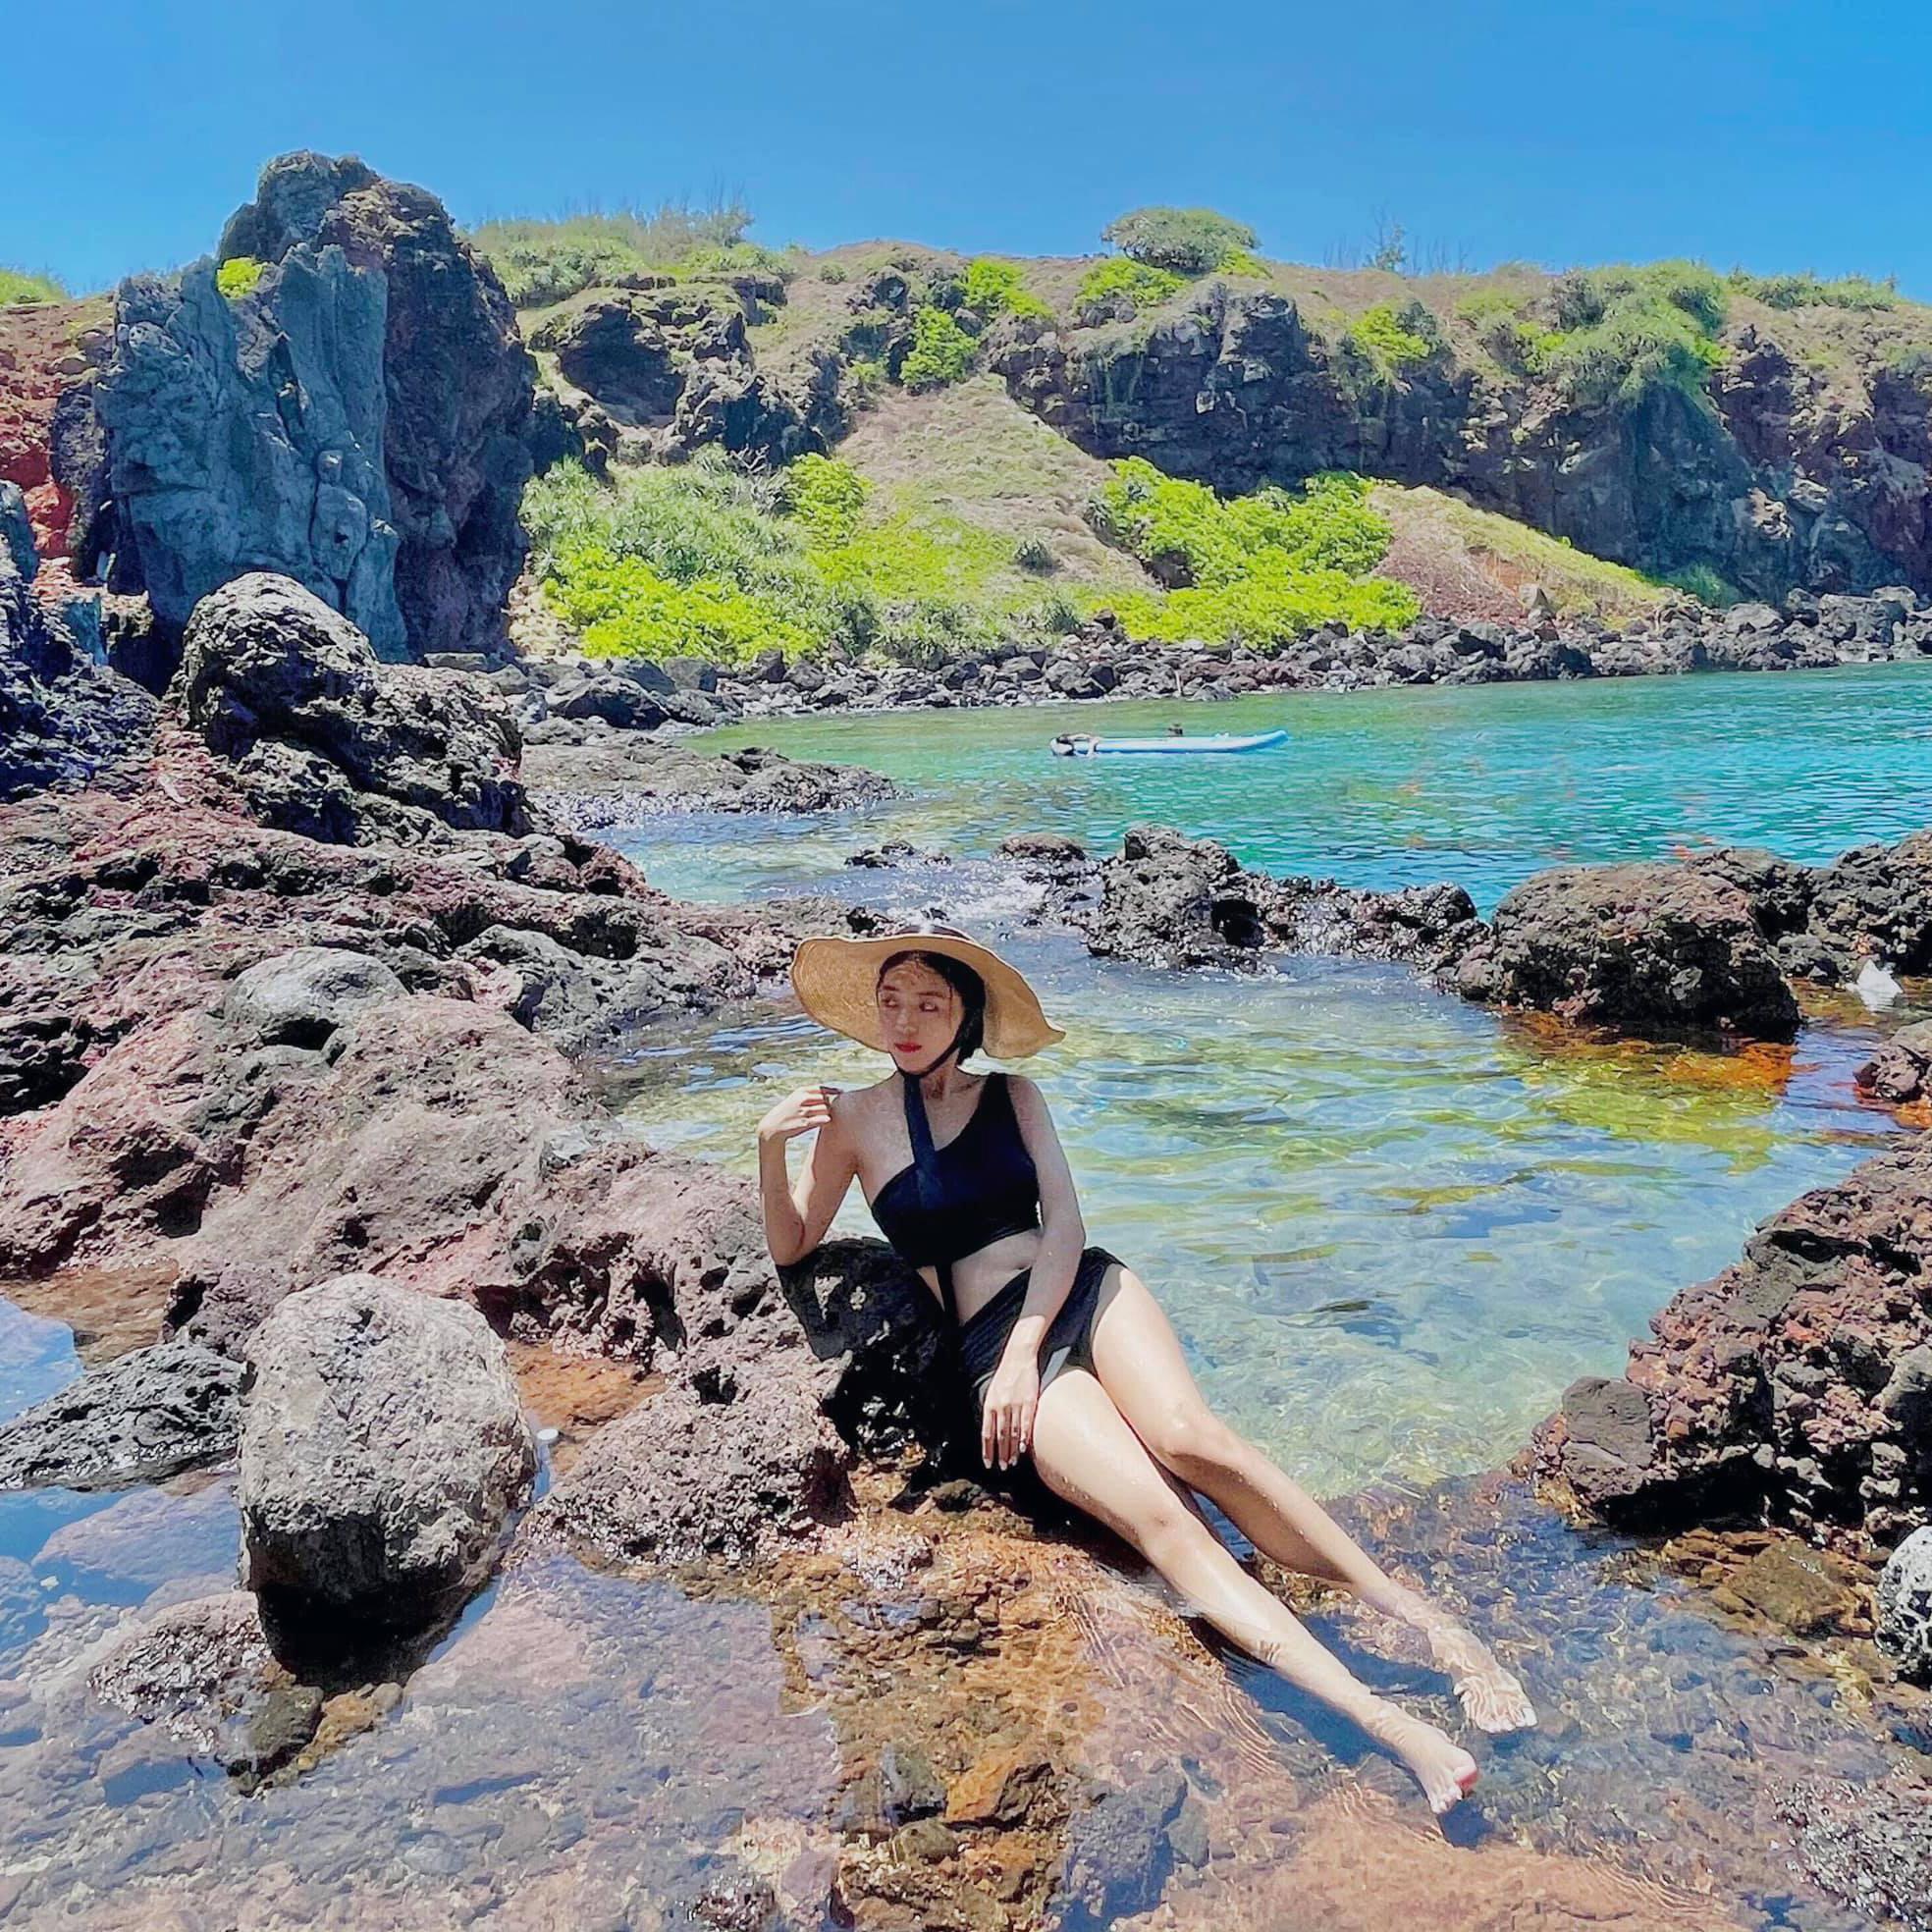 Cách di chuyển và chi phí khám phá đảo Phú Quý với lịch trình 4N3Đ